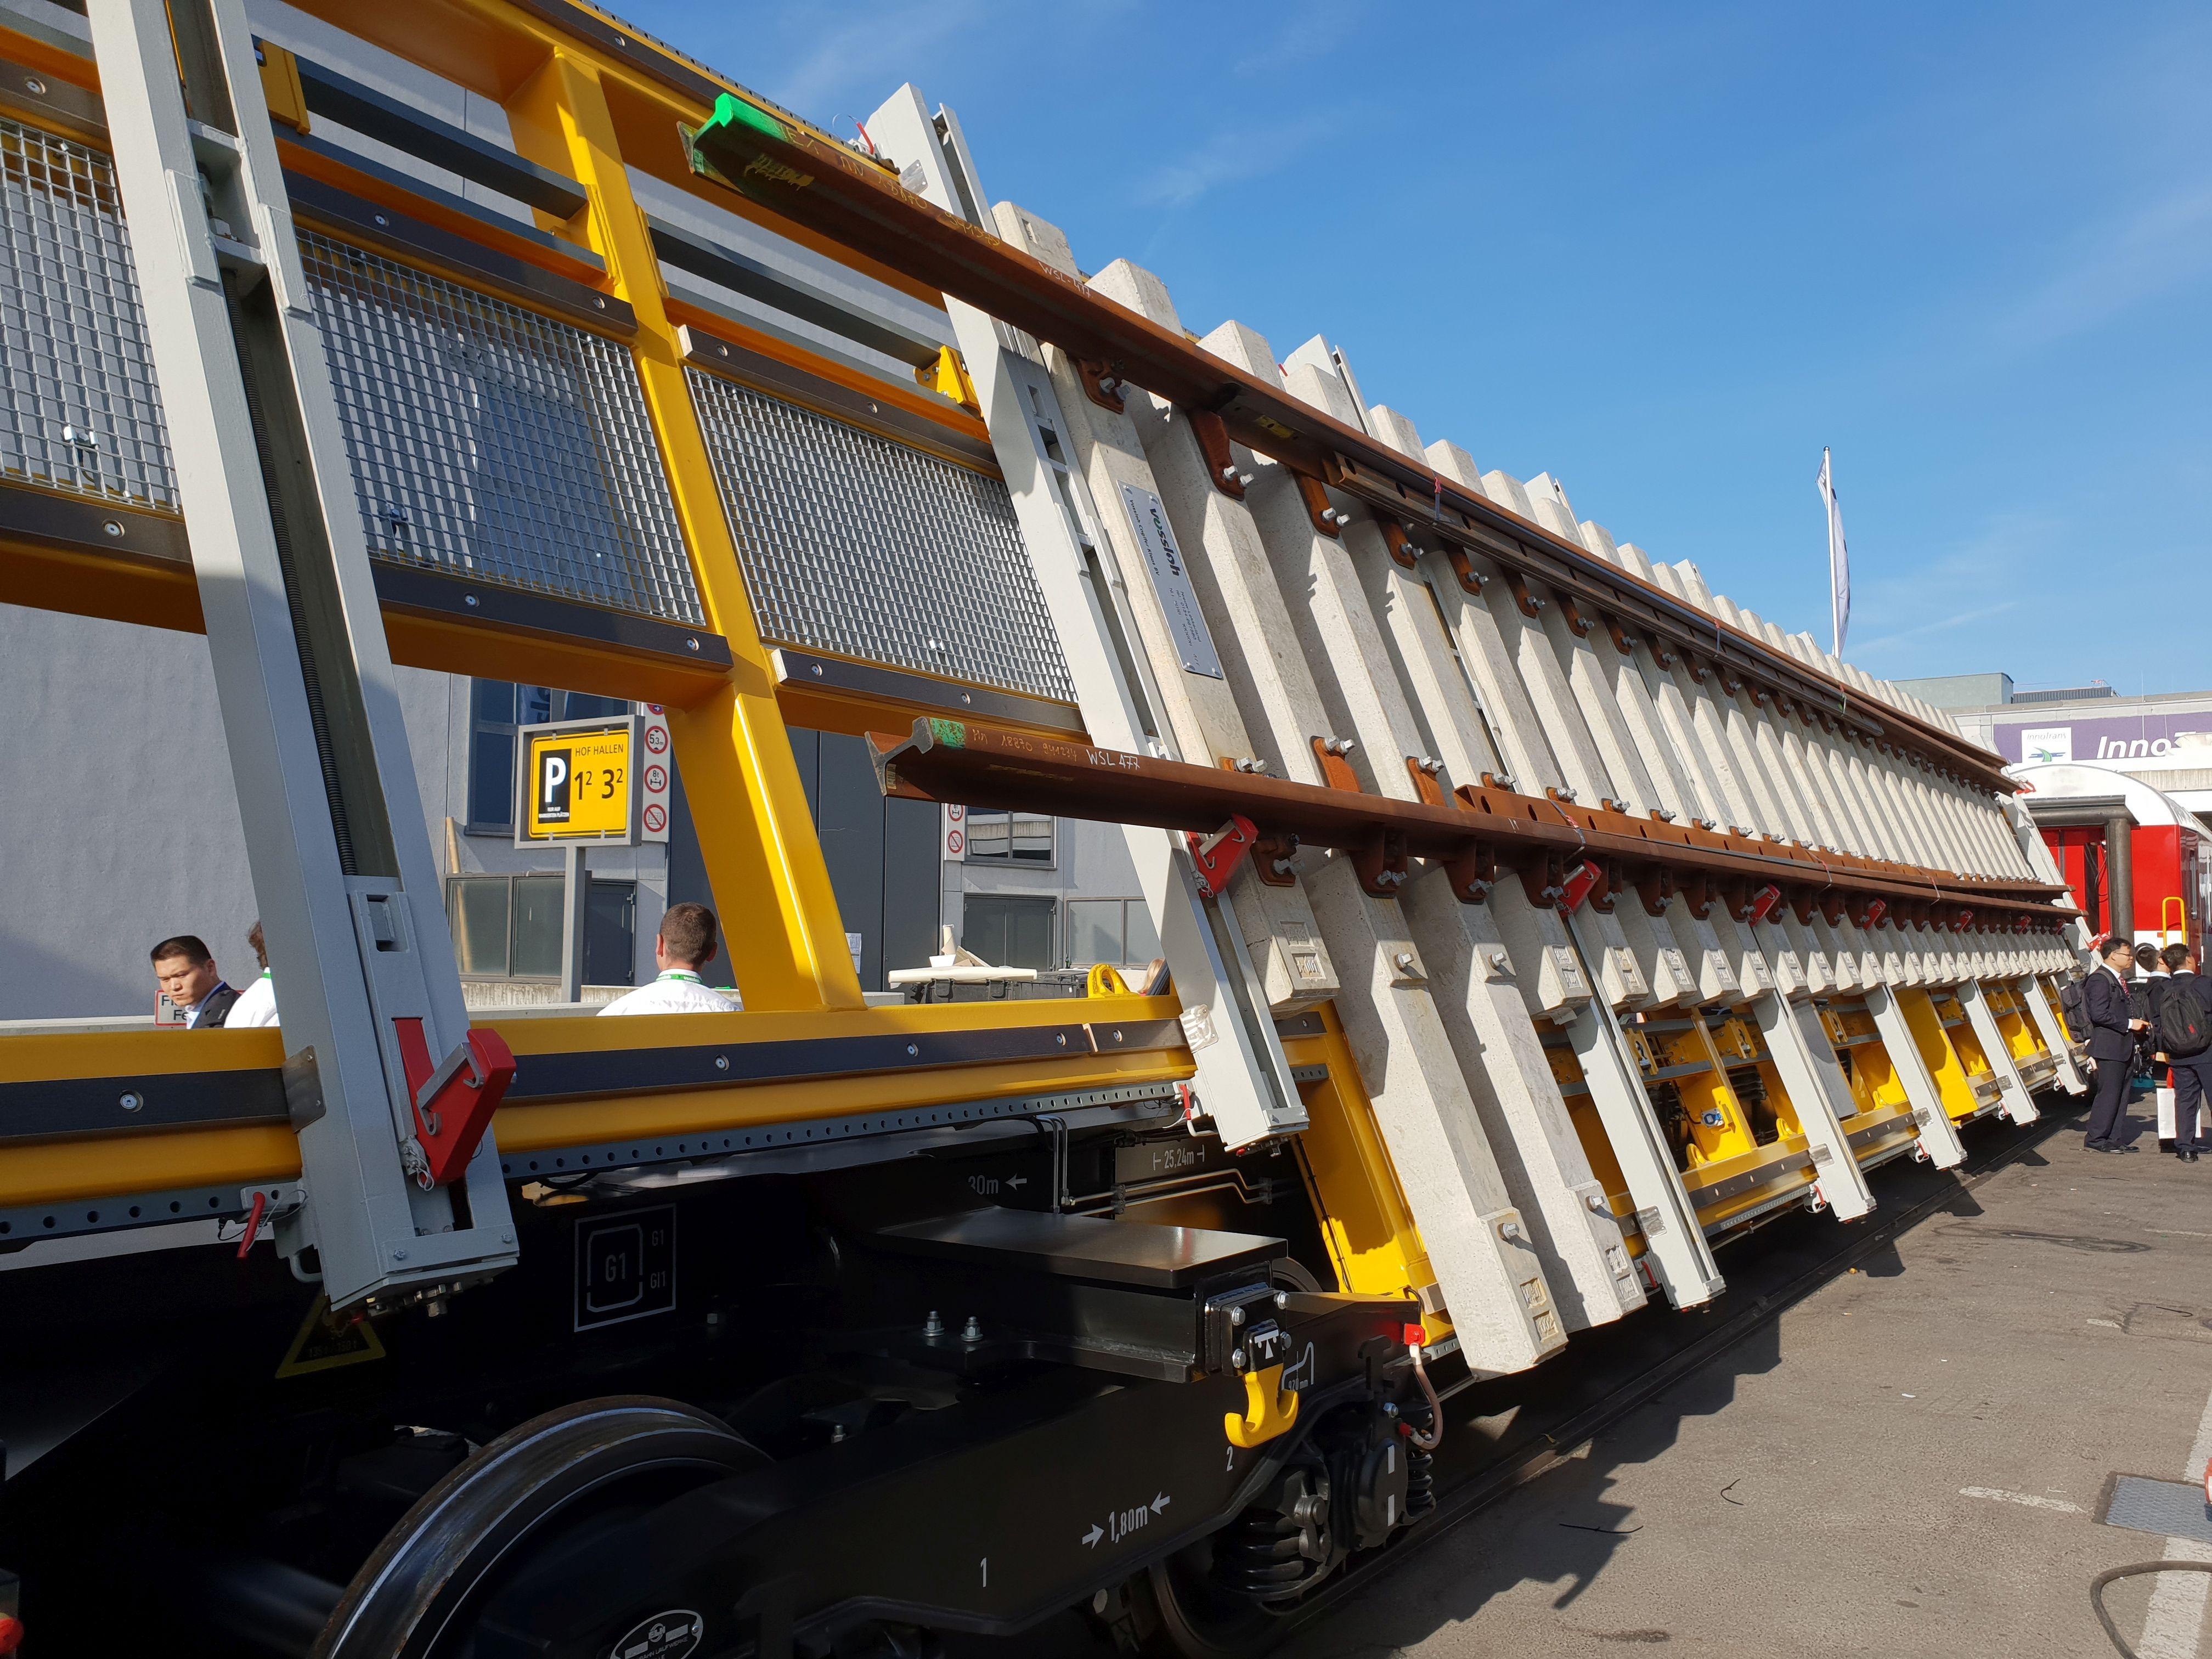 Foto: Weichentransportwagen auf der Berliner Innotrans 2018